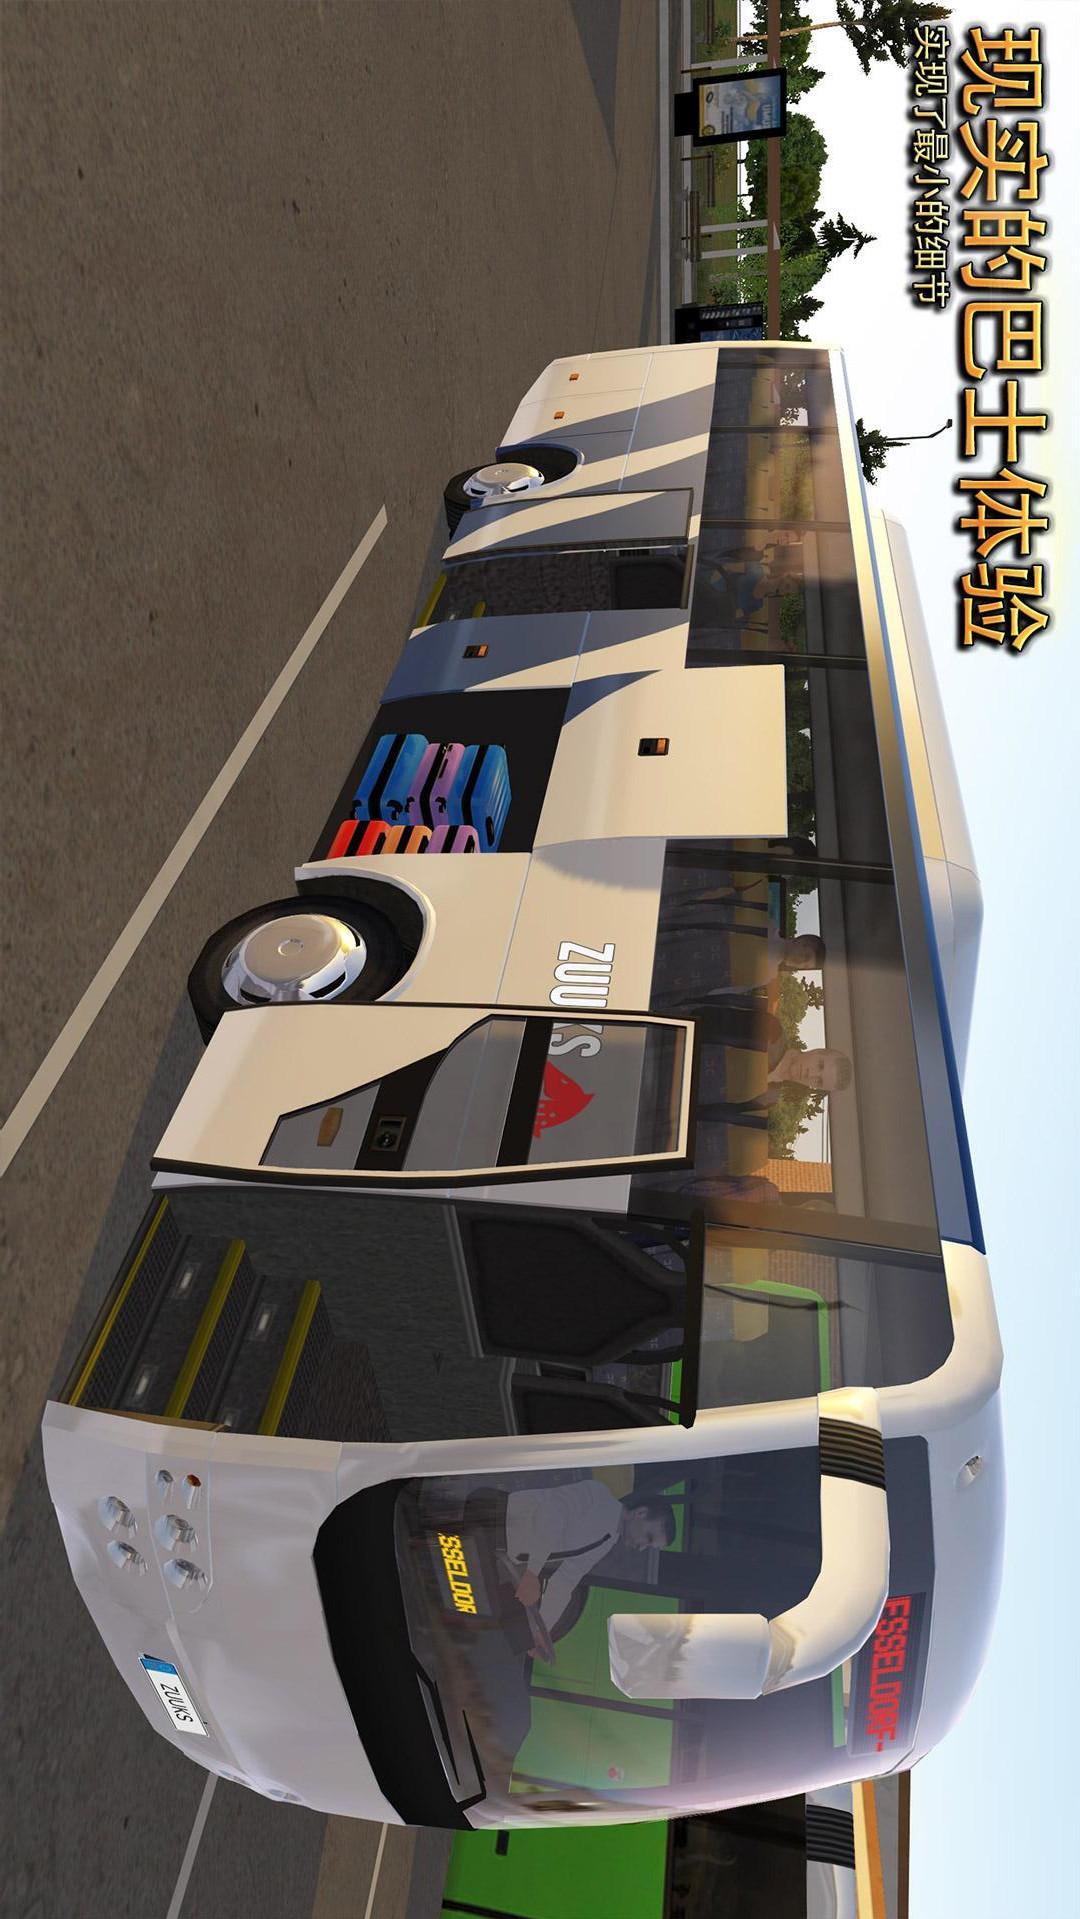 公交公司模拟器游戏截图